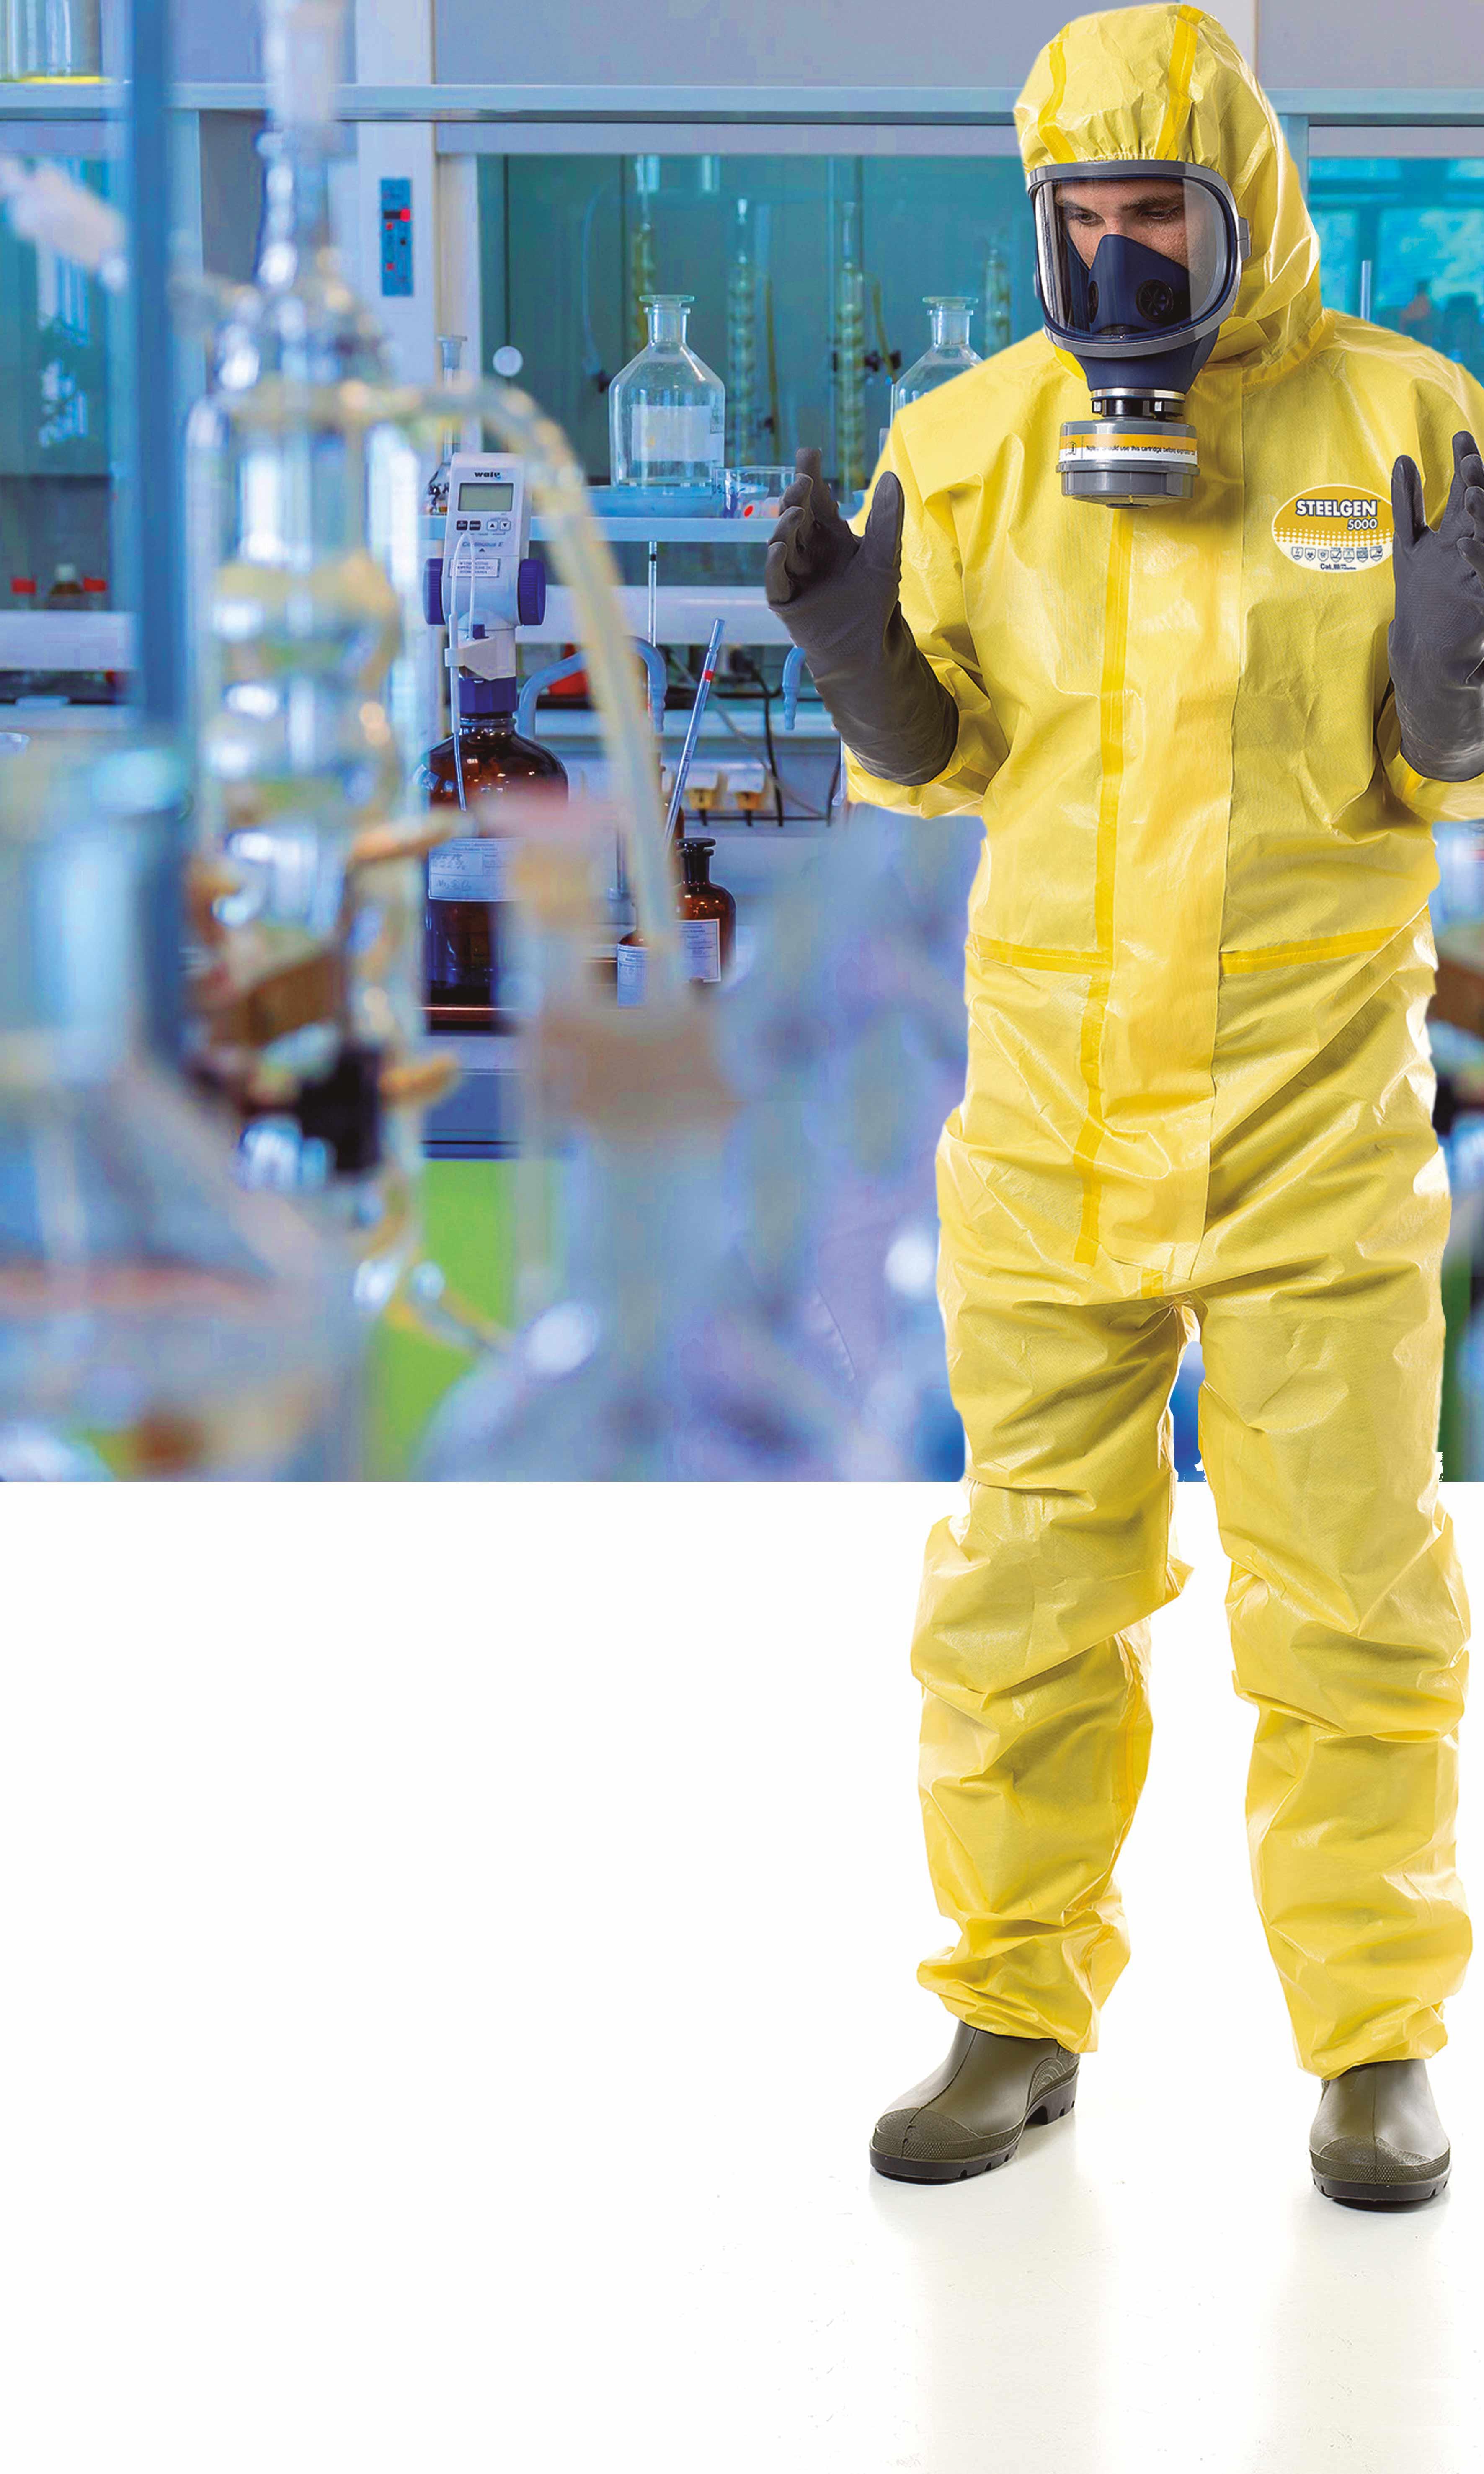 Gants et vêtements de protection chimique